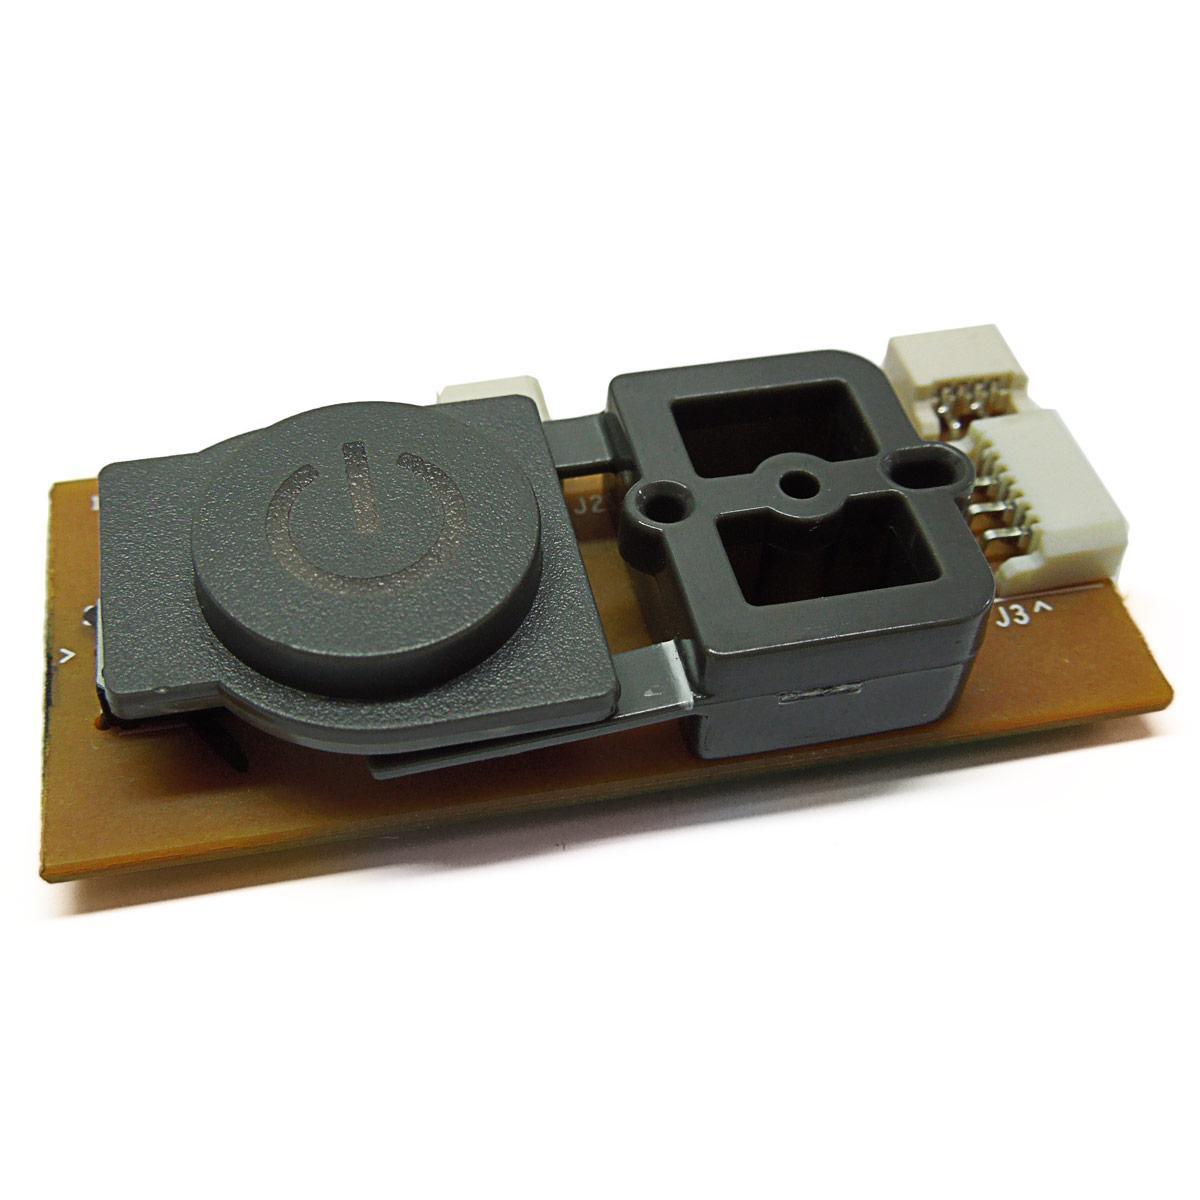 Botão + Placa liga/desliga das Impressoras HP PRO X451 e X476